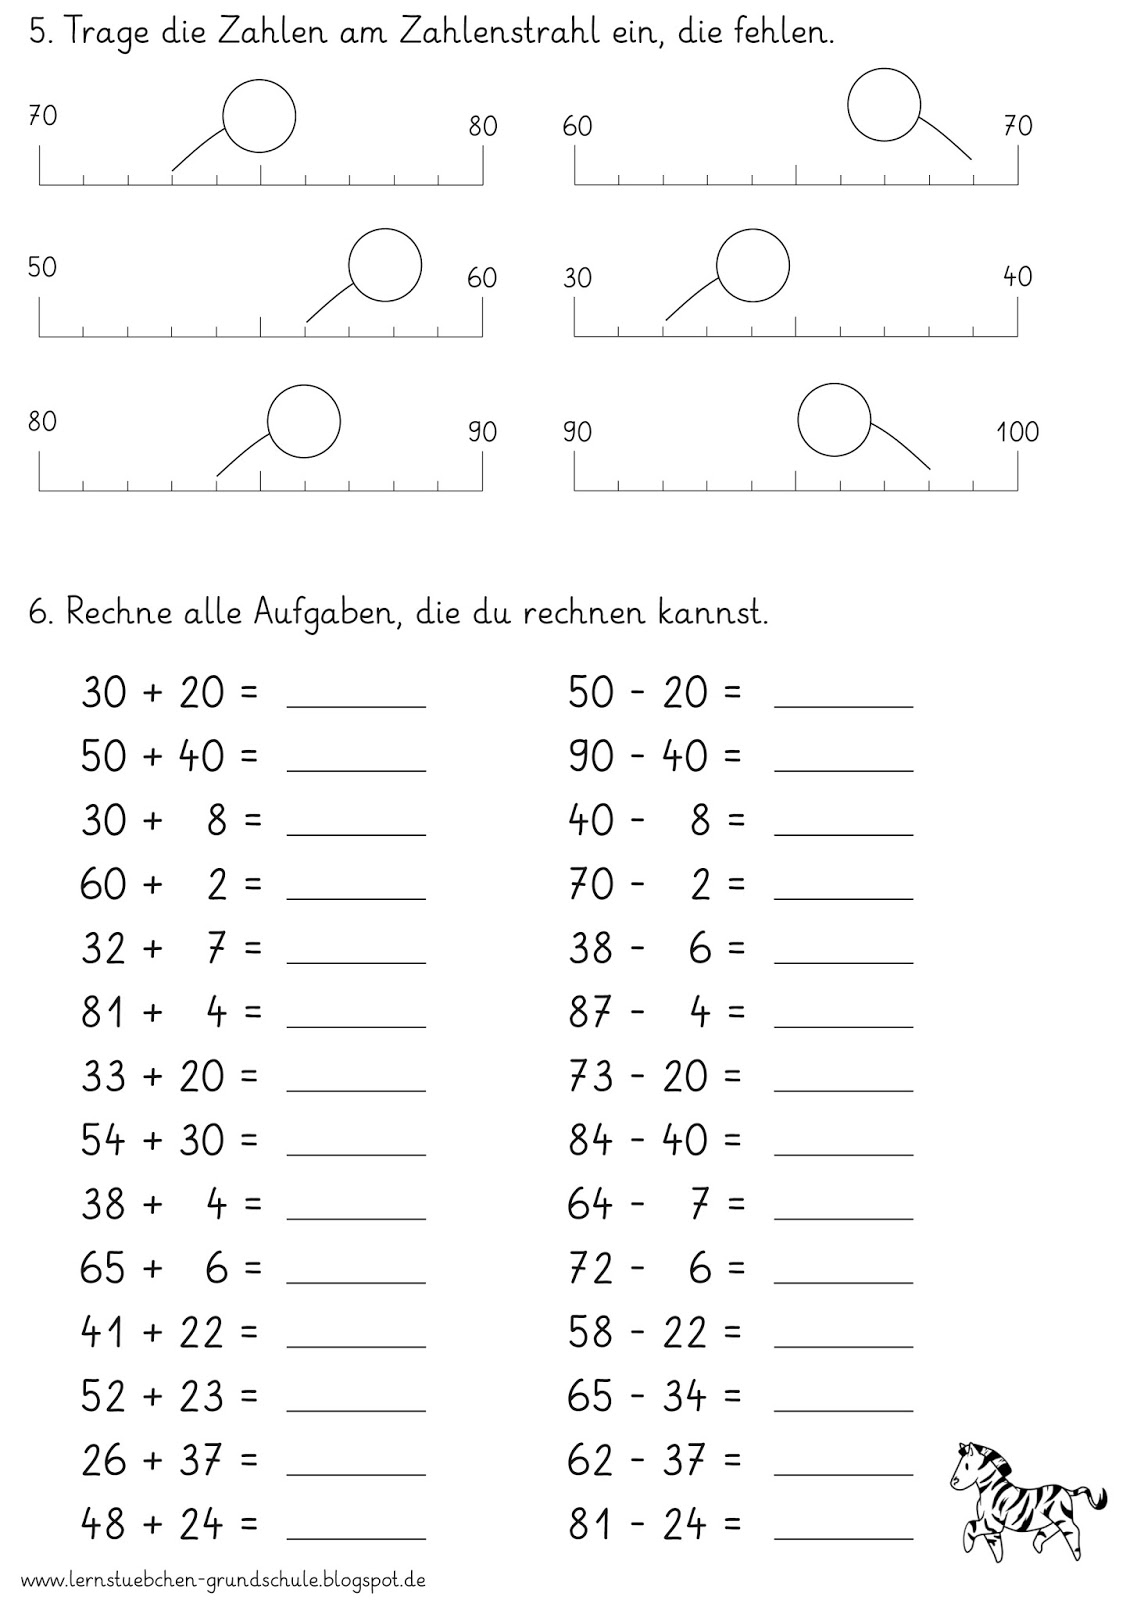 Lernstu00fcbchen: eine Standortbestimmung fu00fcr den ZR bis 100